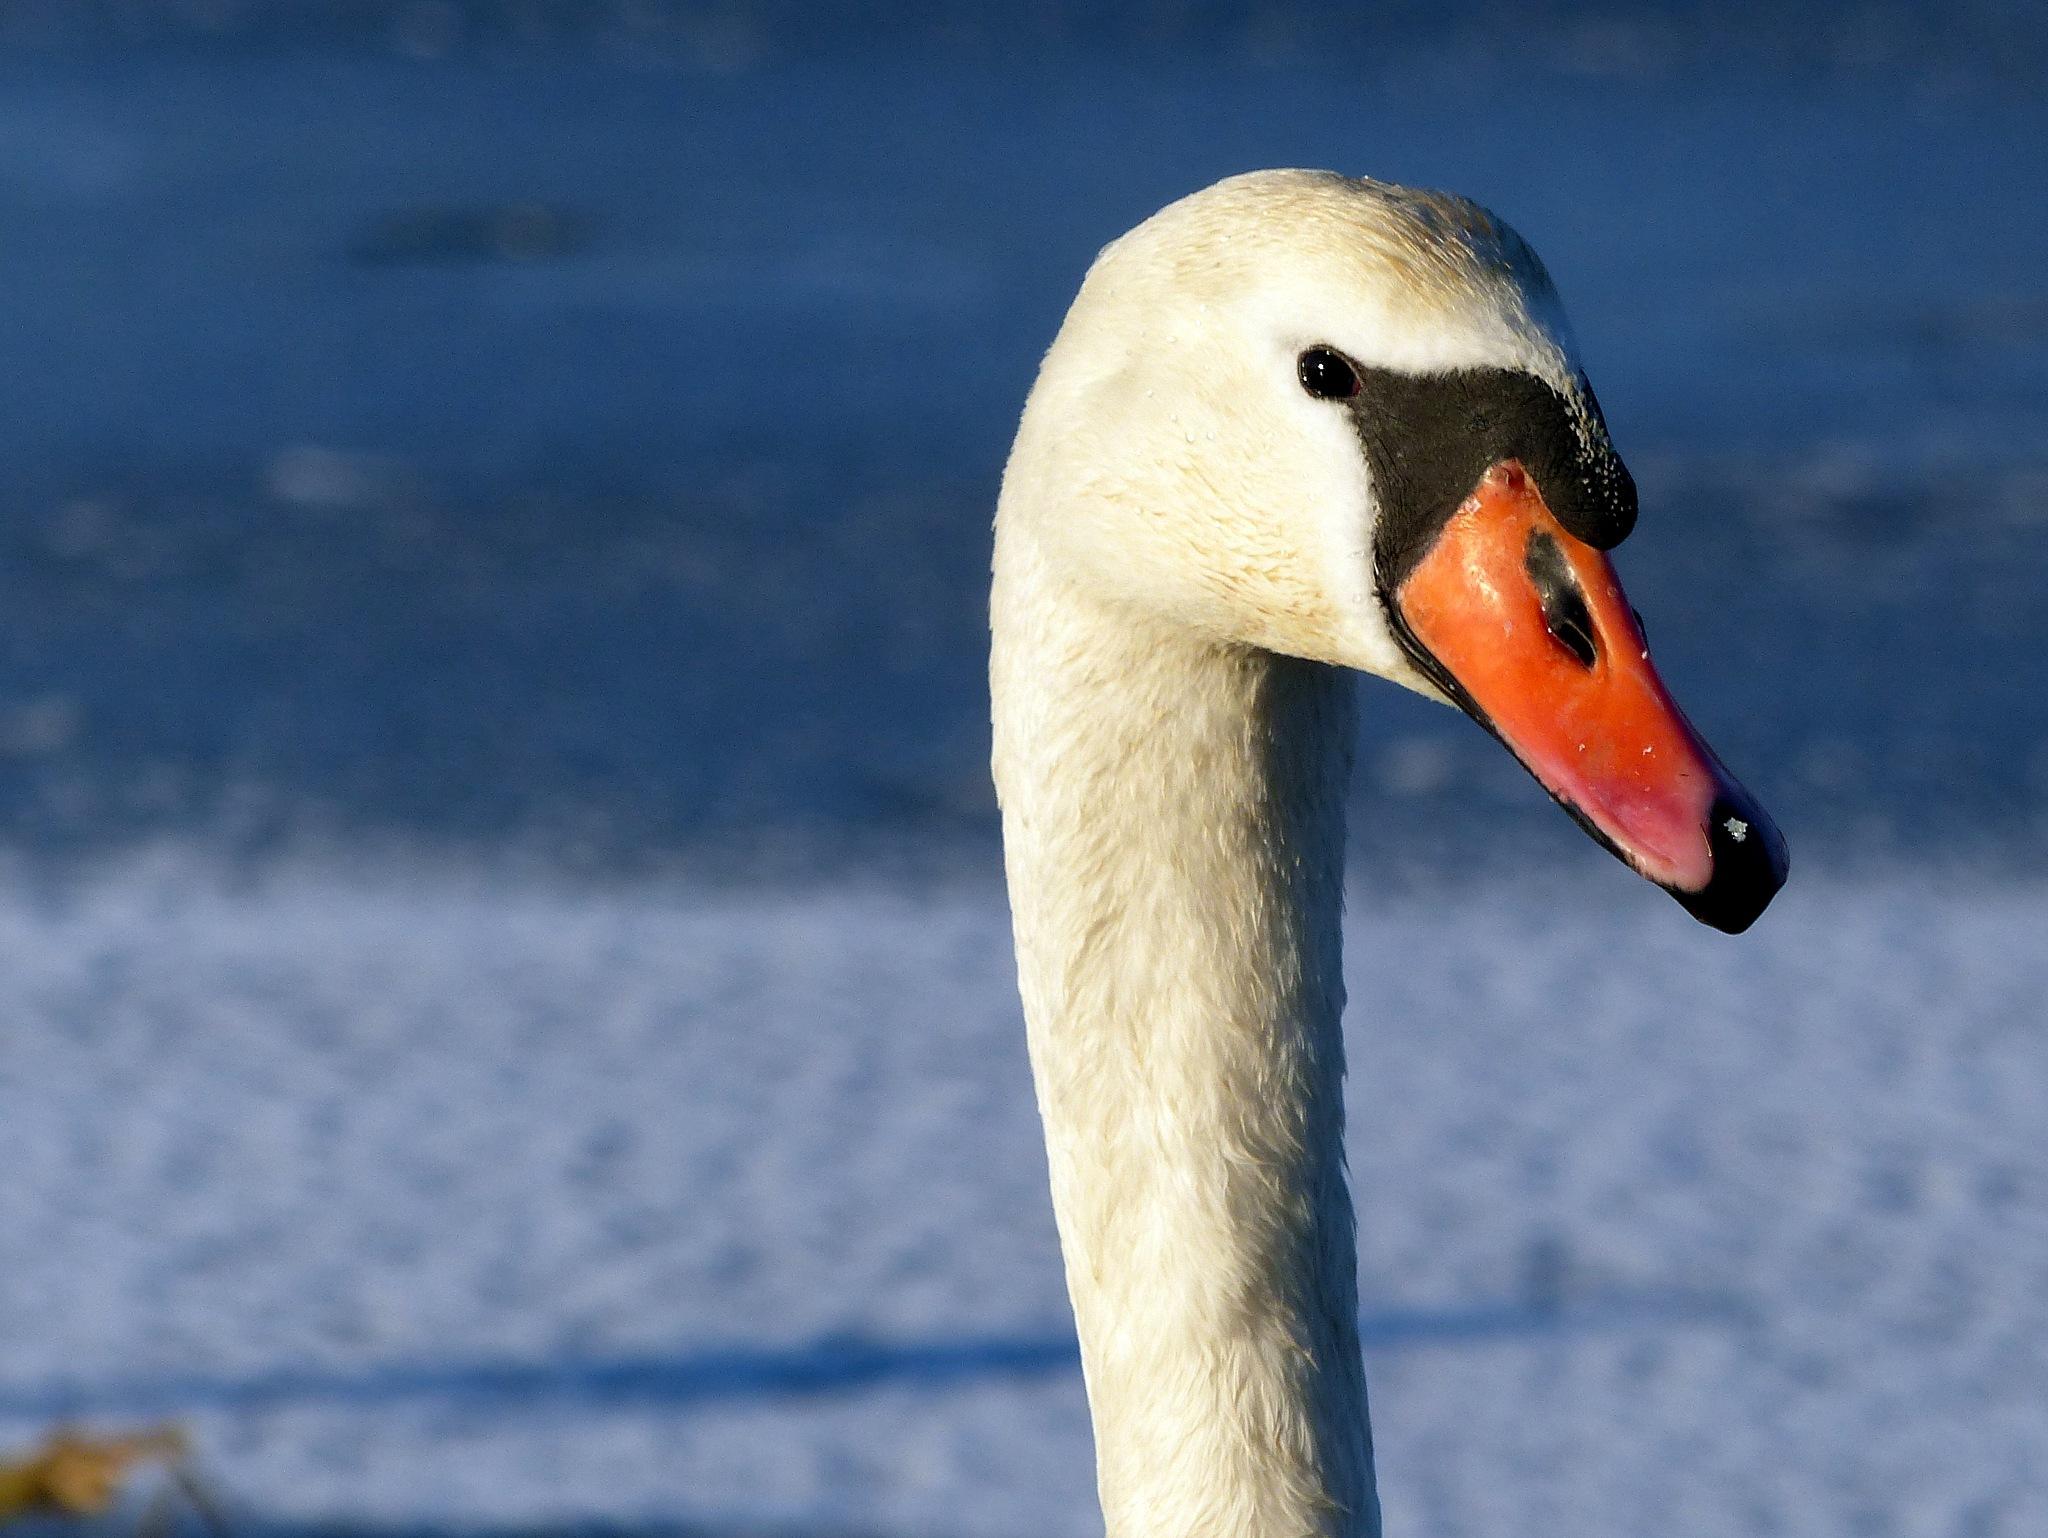 Swan by Lars M.